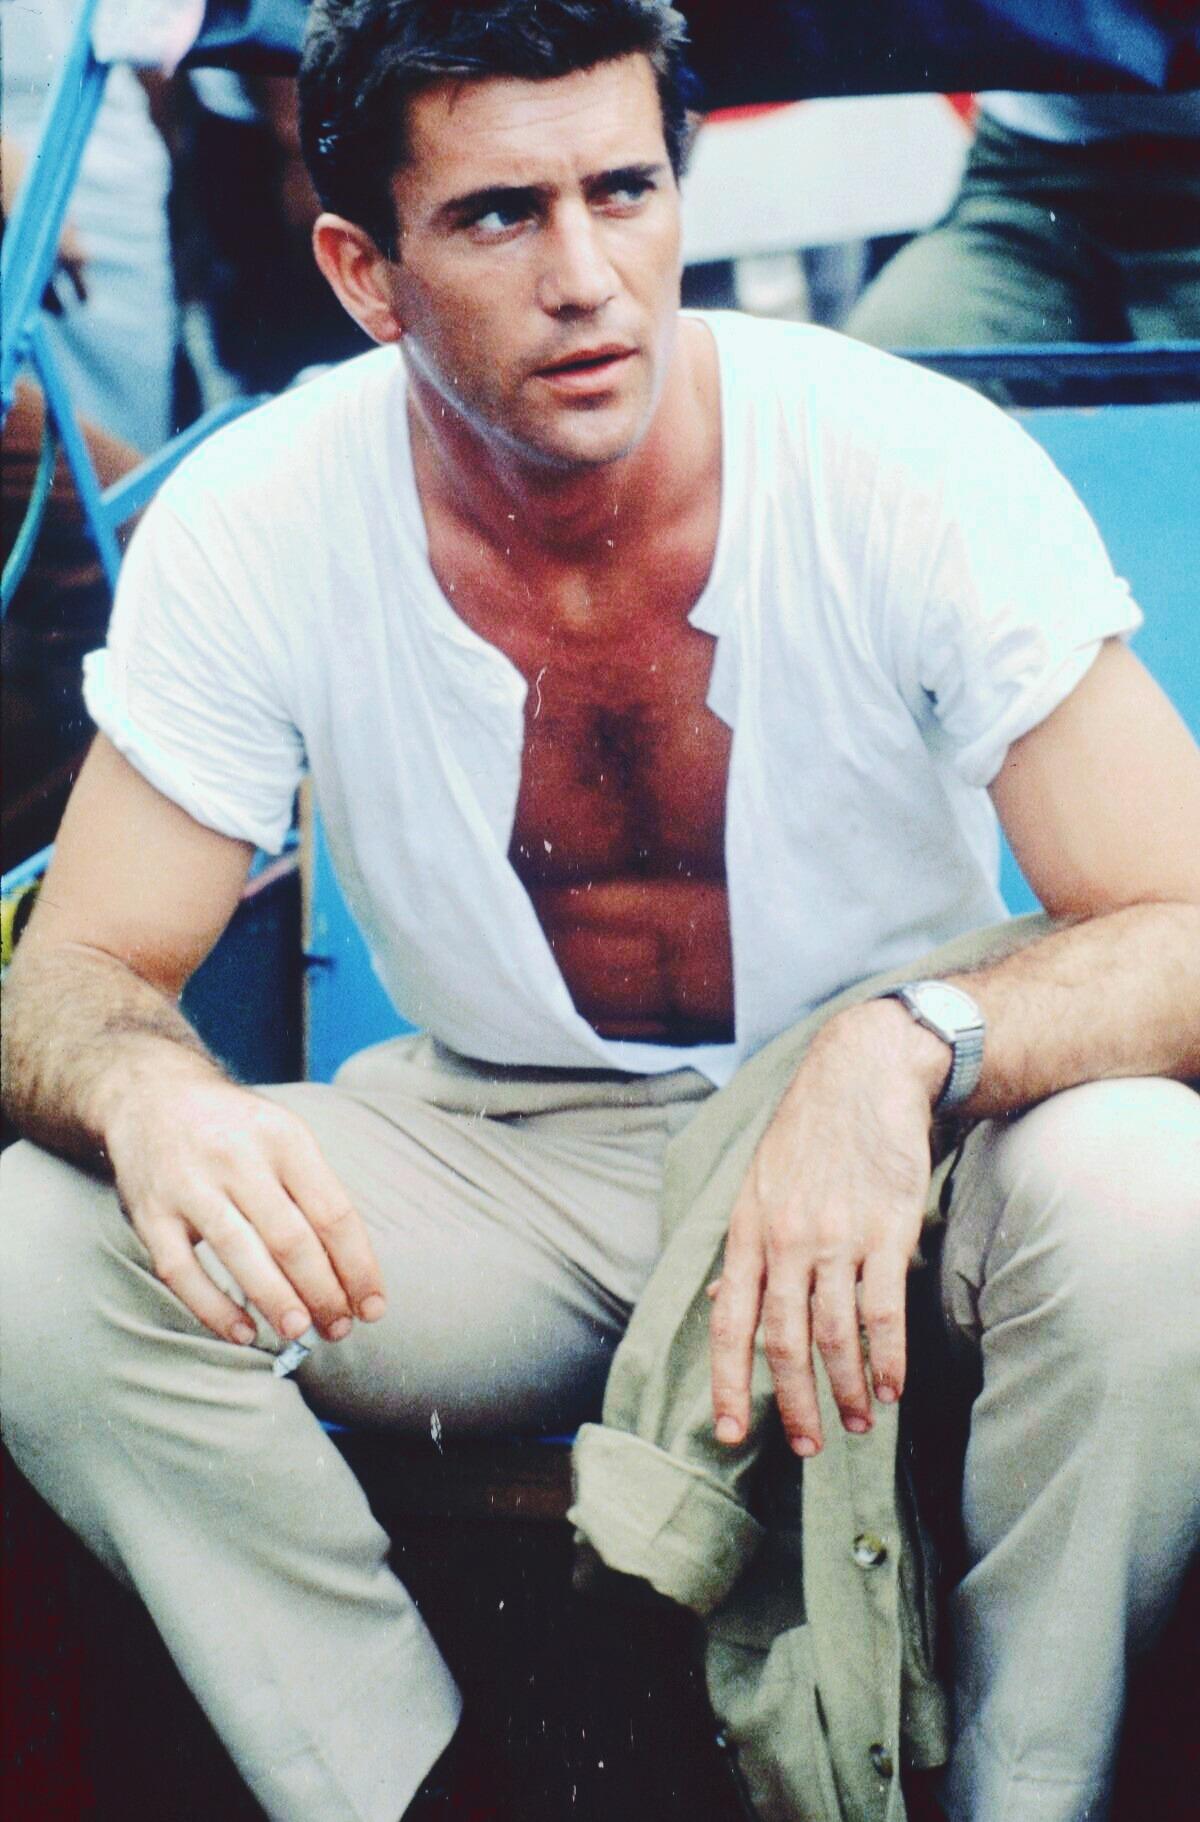 Mel Gibson (3/1/1956) sinh tại New York, Mỹ. Đến năm 12 tuổi, ông theo cha mẹ đến Australia sinh sống. Năm 1974, ông học ở Học viện Kịch nghệ Quốc gia tại Australia. Cùng năm, ông làm quen Joanne Greenberg, nhận vai diễn đầu tiên trong phim I Never Promised You a Rose Garden của đạo diễn này. Ảnh: acid-popsicle-blog.